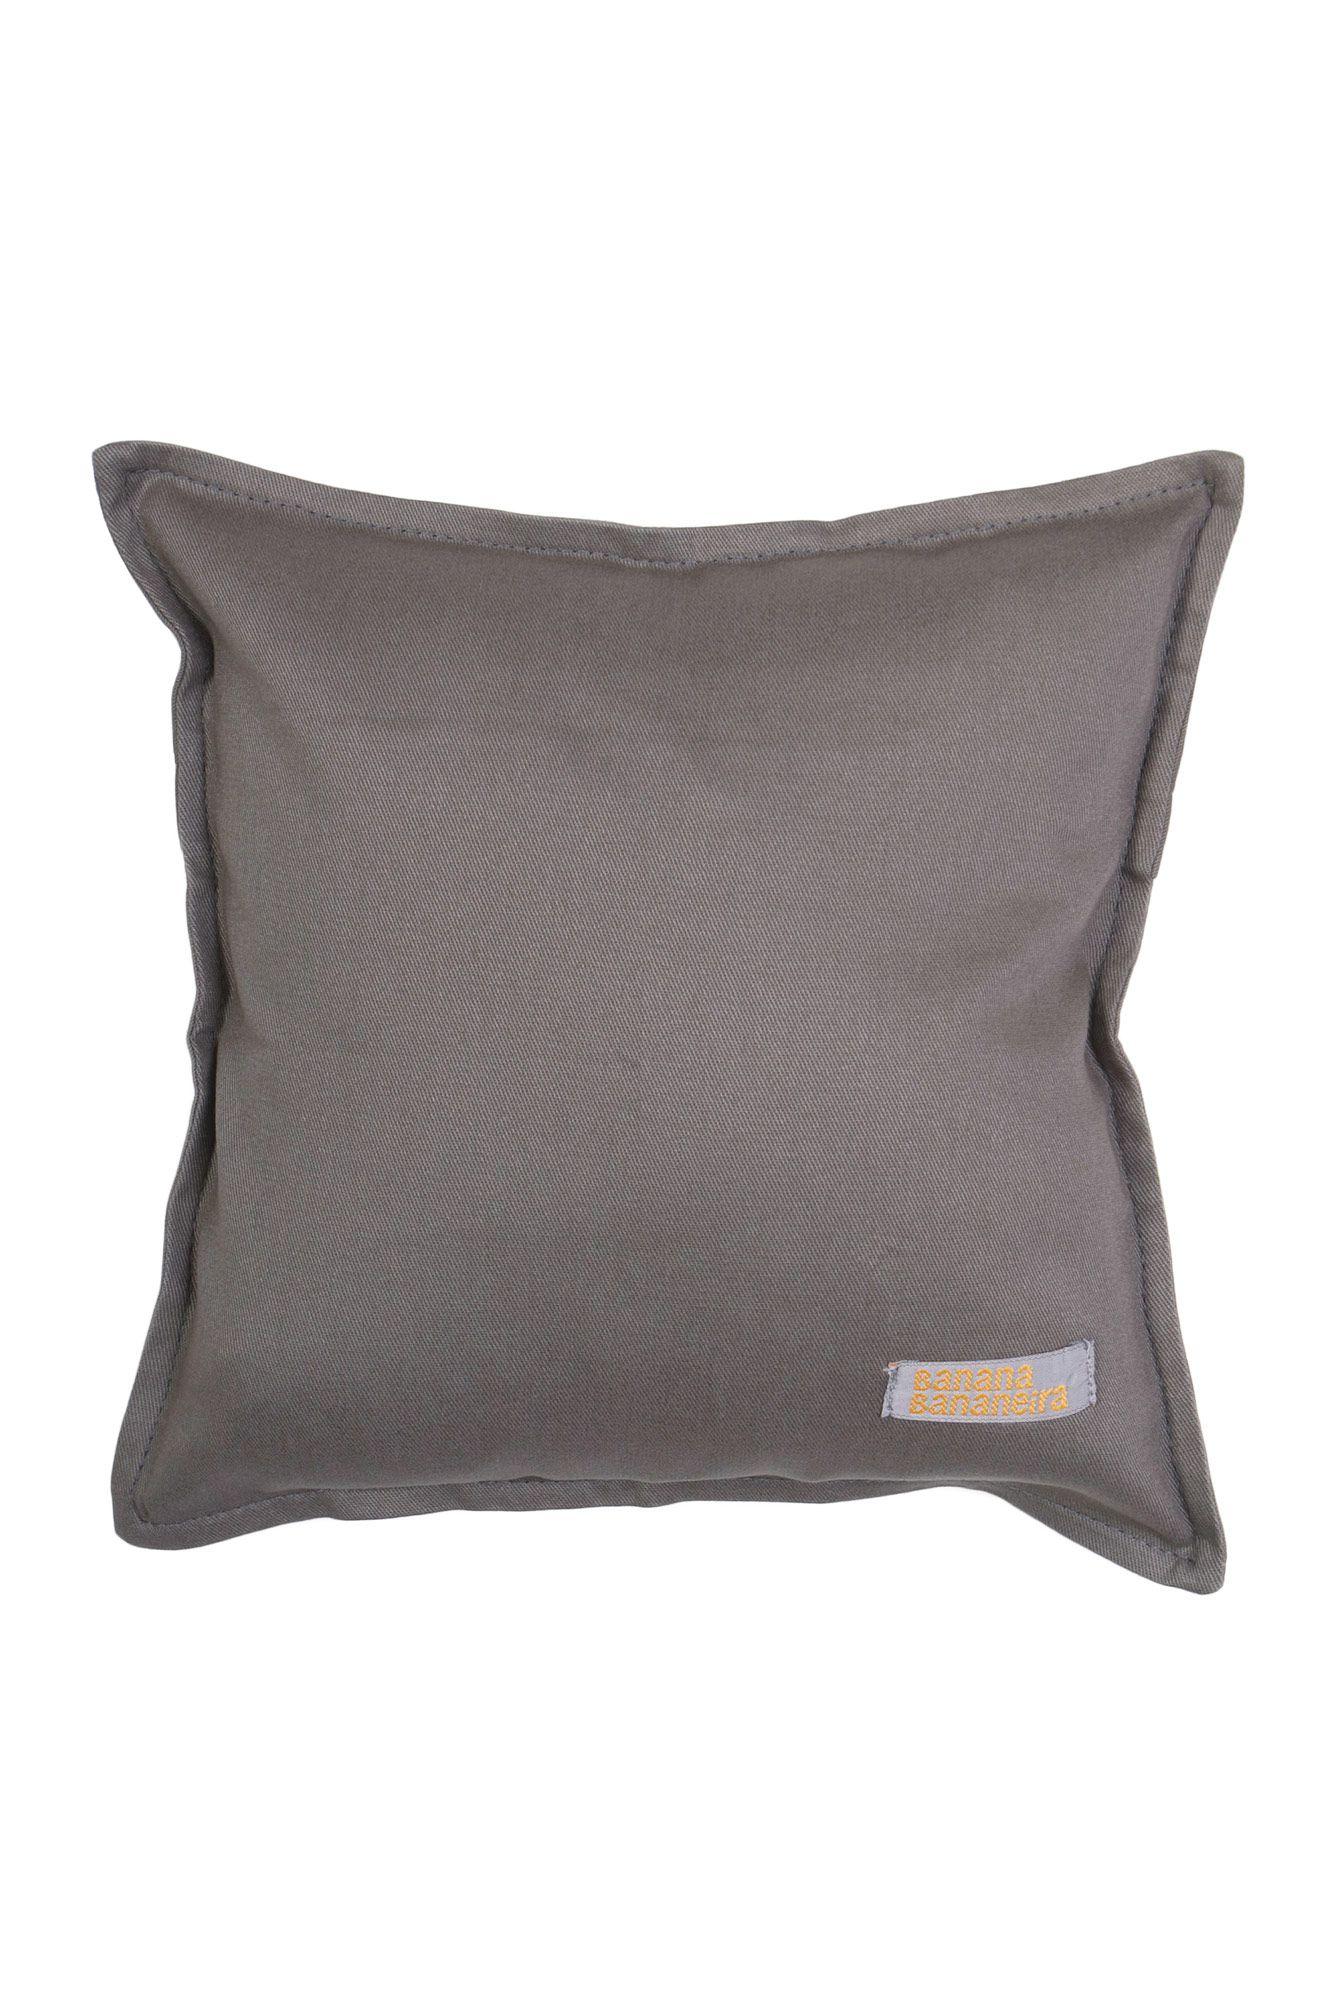 Almofada em pesponto 25 cm x 25 cm cinza